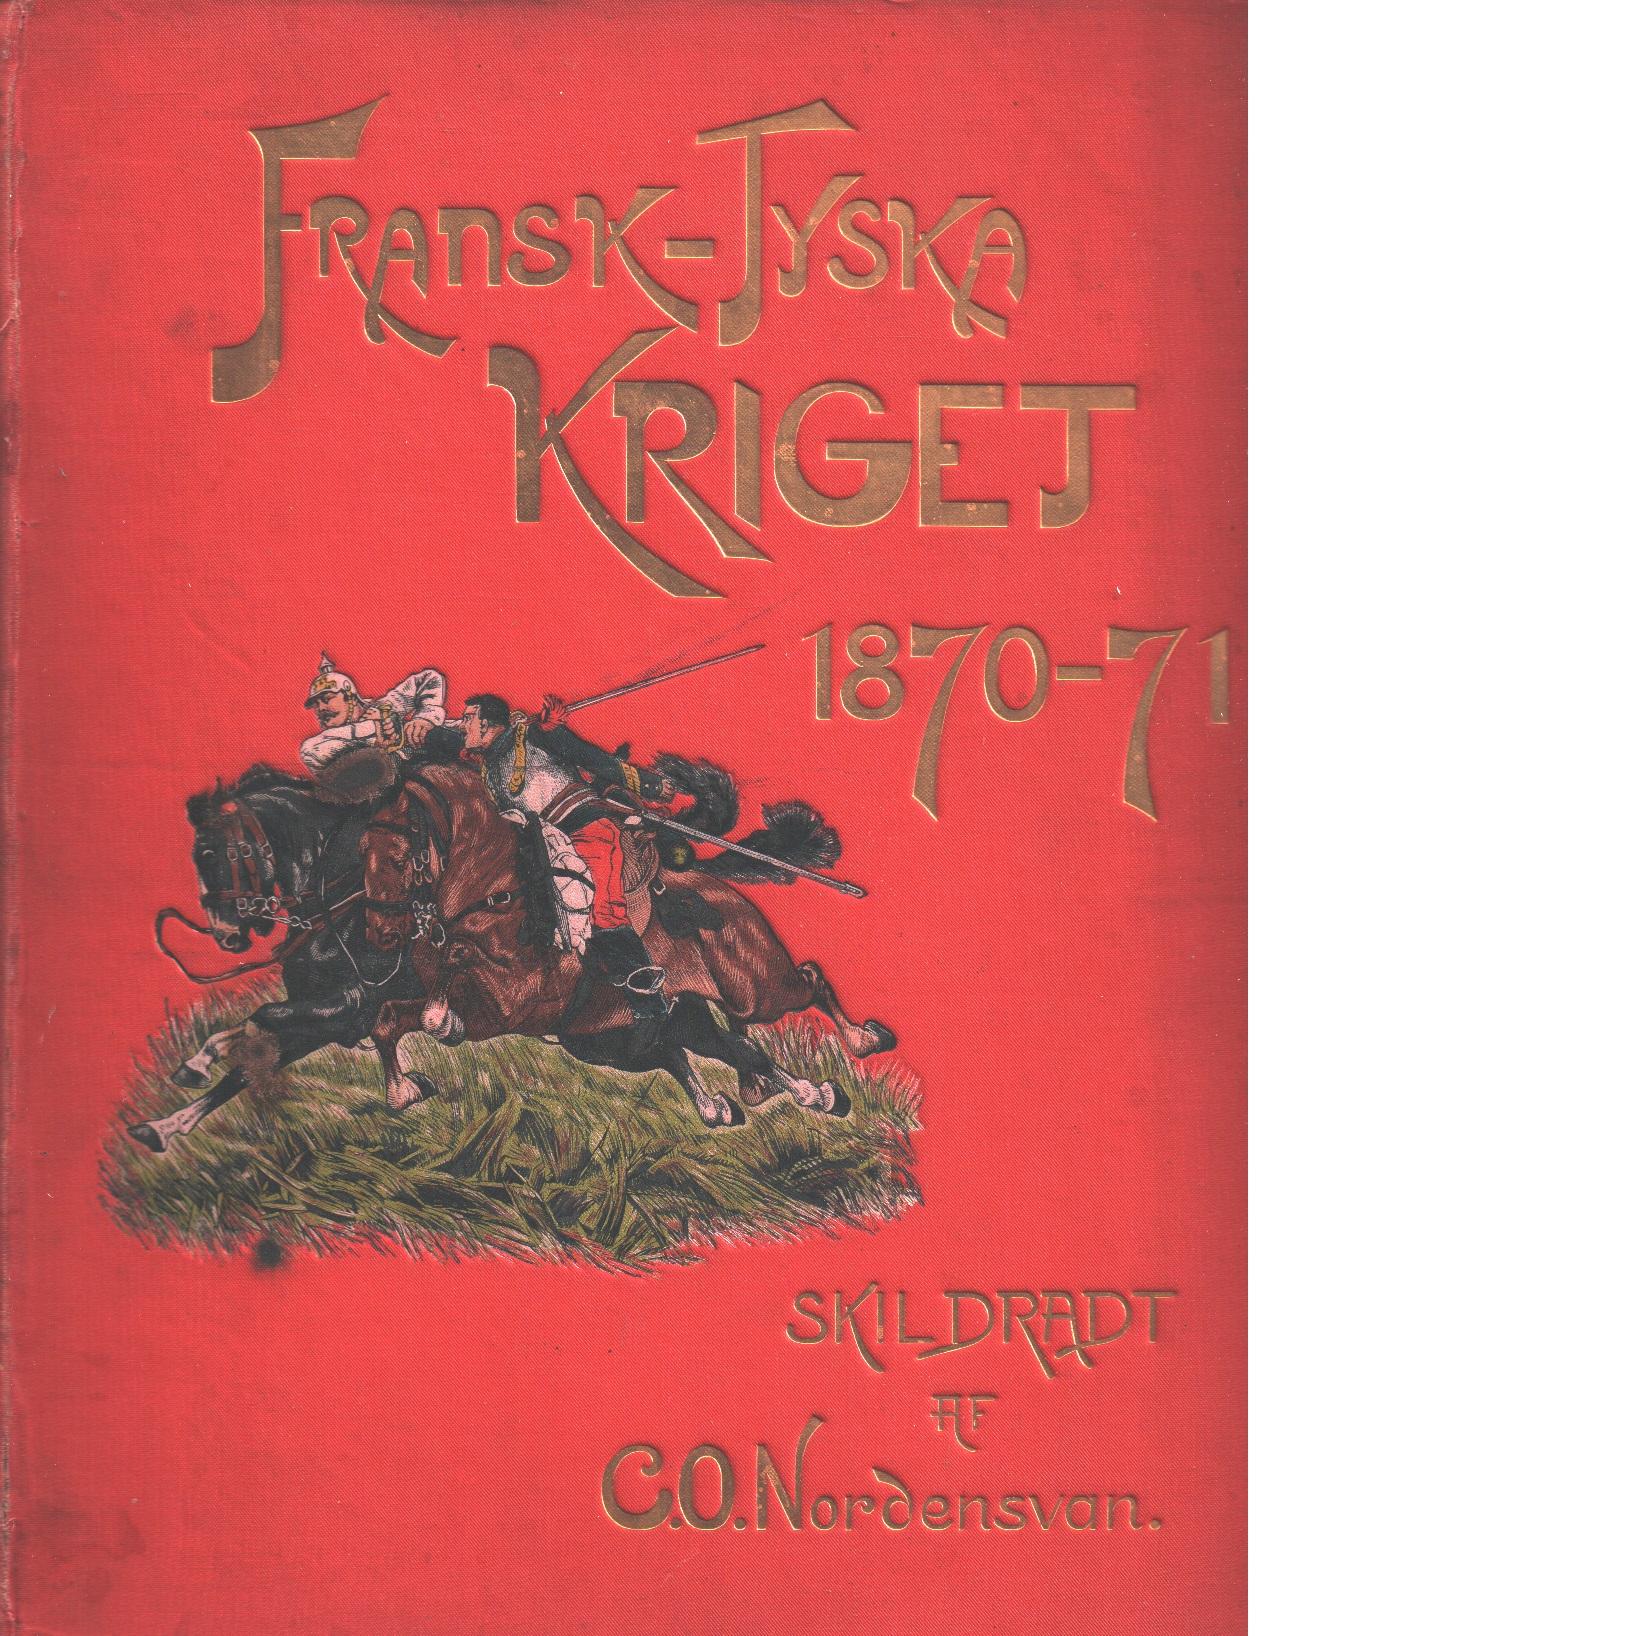 Fransk-tyska kriget 1870-71 : i sina hufvuddrag skildrat - Nordensvan, Carl Otto